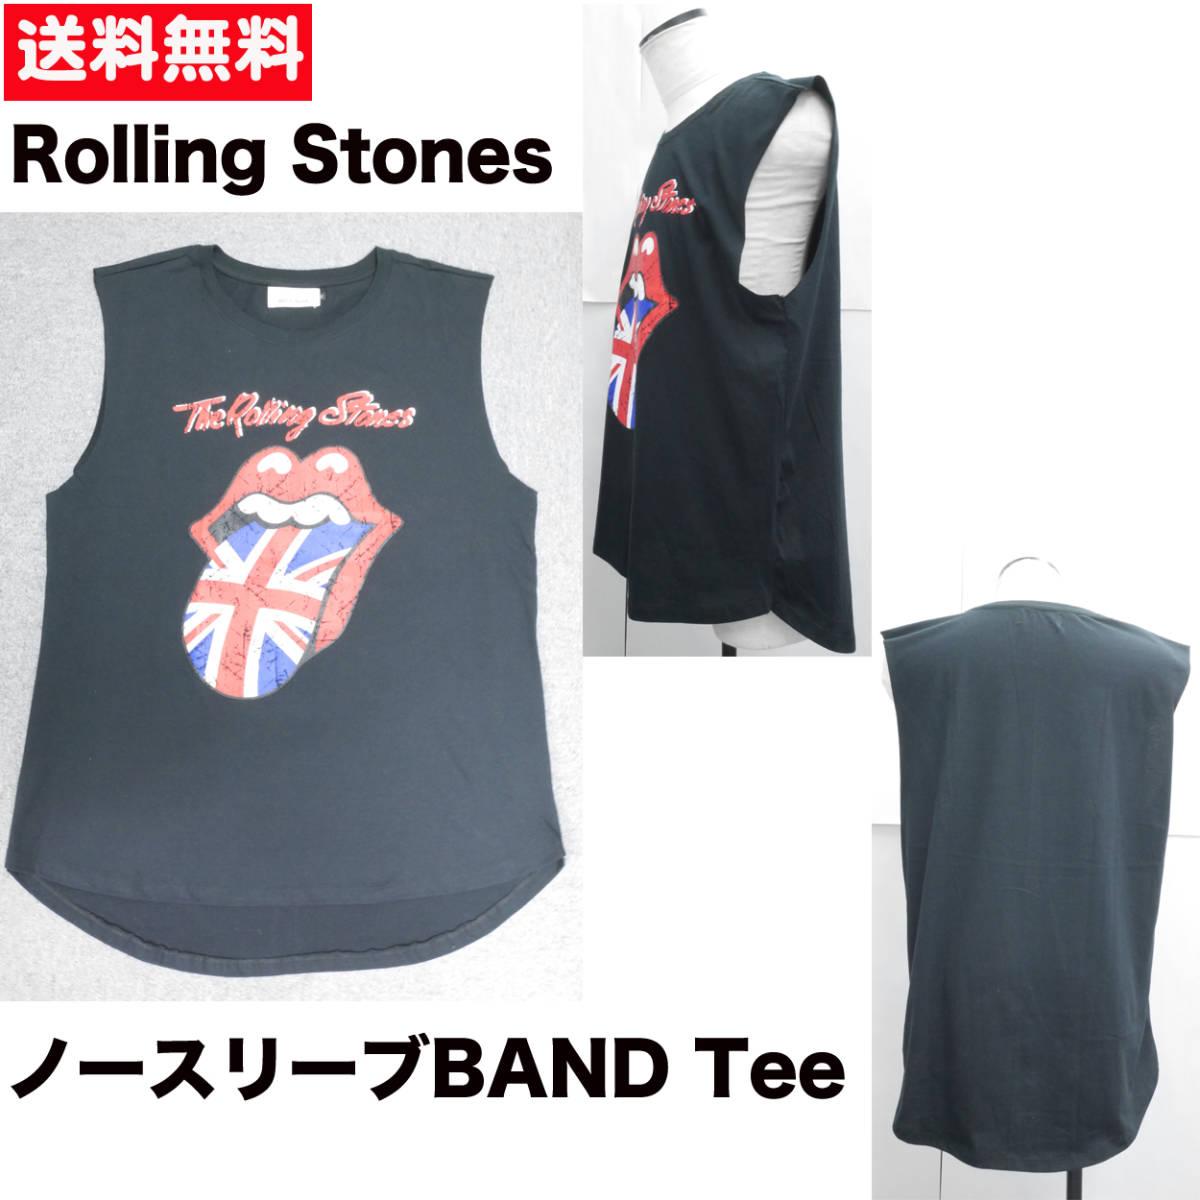 【新品】 バンドTシャツ L ノースリーブ 半袖 ビッグ ワイド ロック ローリングストーンズ The Rolling Stones 7/13_画像2